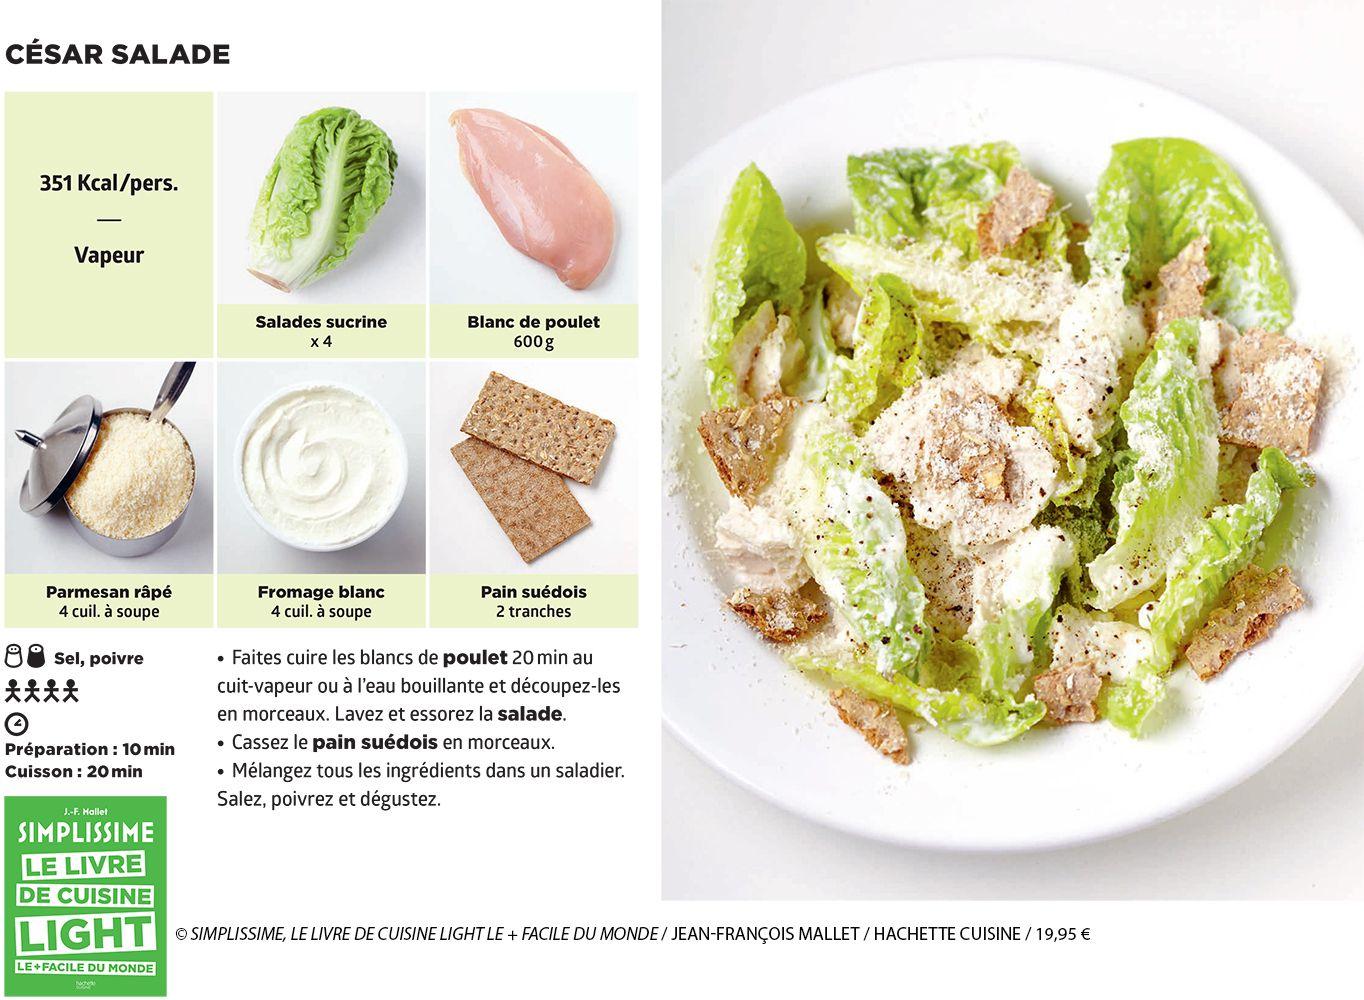 Simplissime recherche google recipes simplissime diner pinterest google food and - Recherche recette de cuisine ...